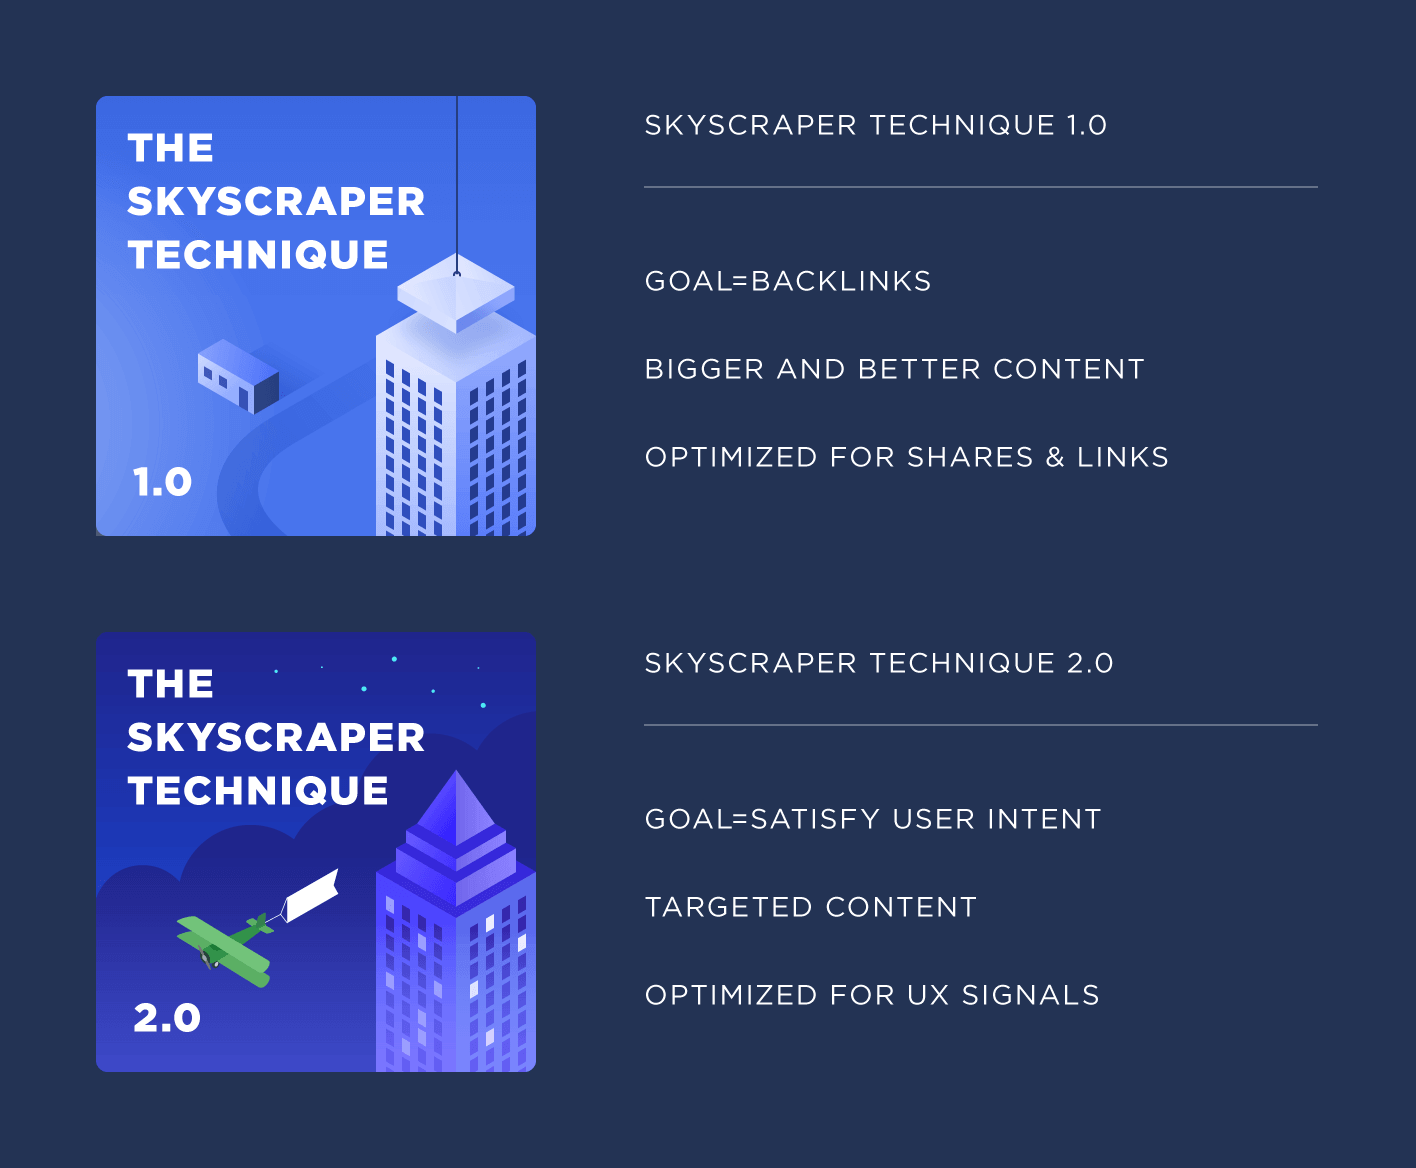 Skyscraper Technique